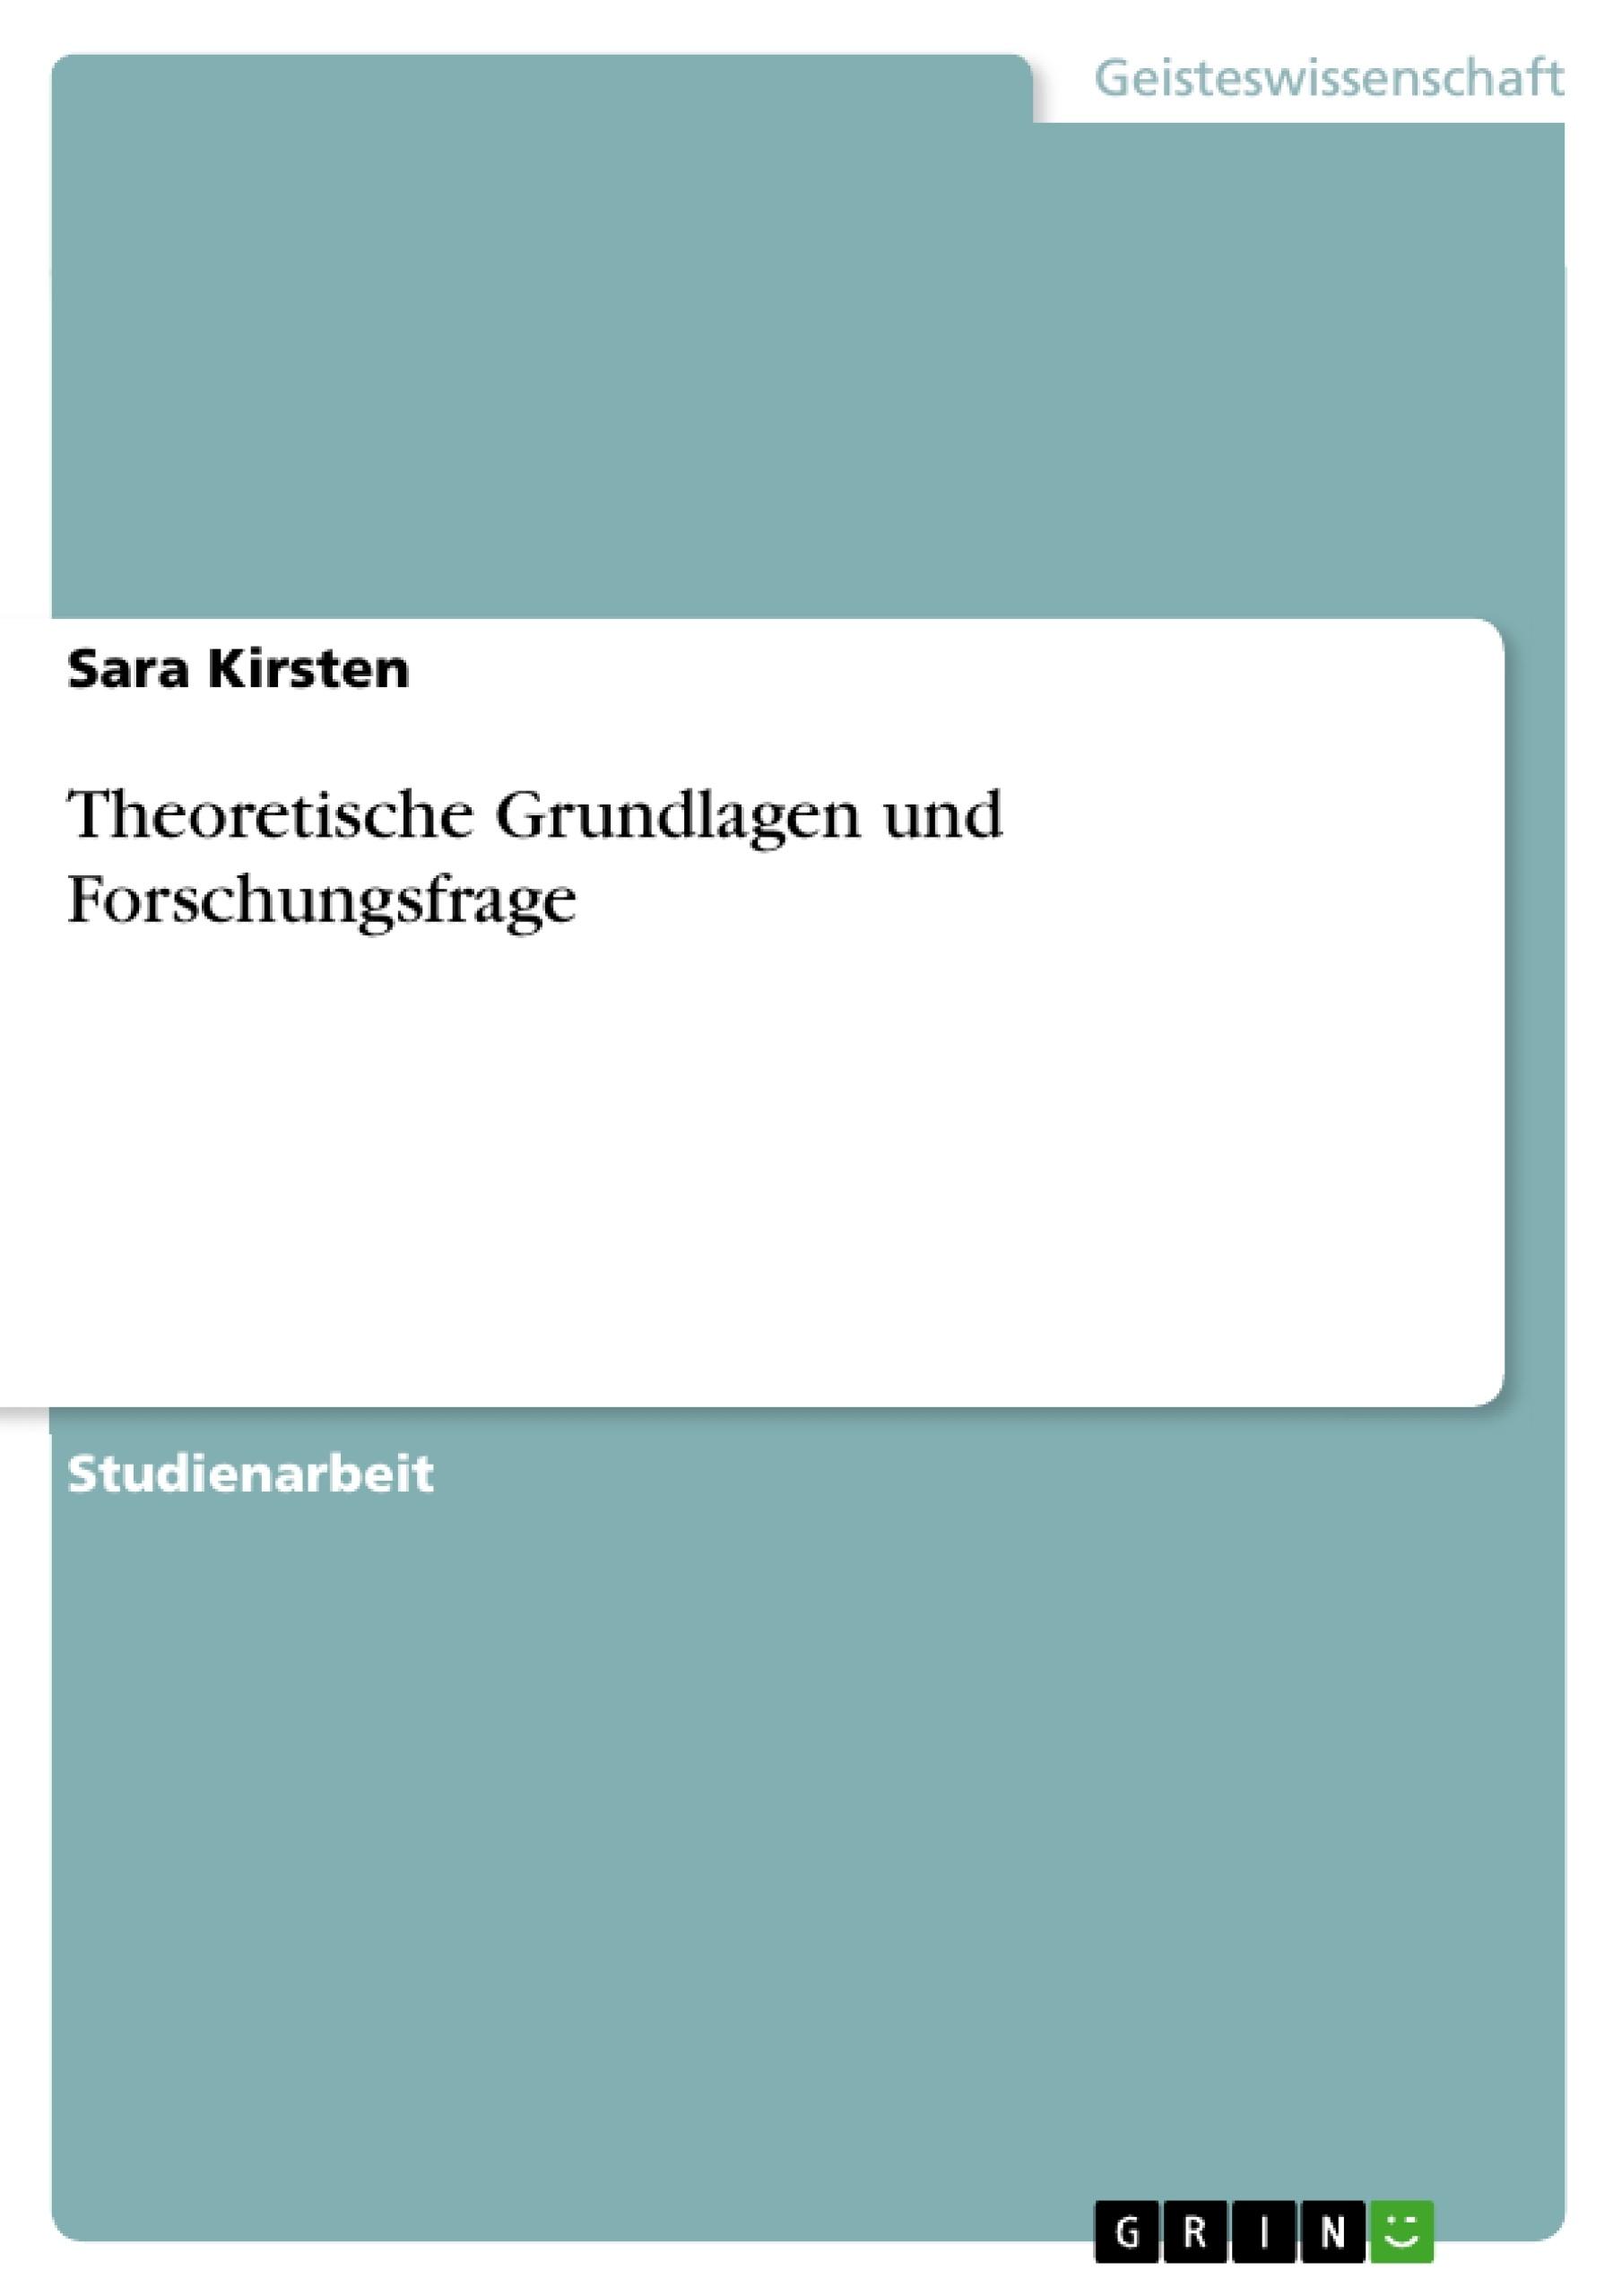 Titel: Theoretische Grundlagen und Forschungsfrage